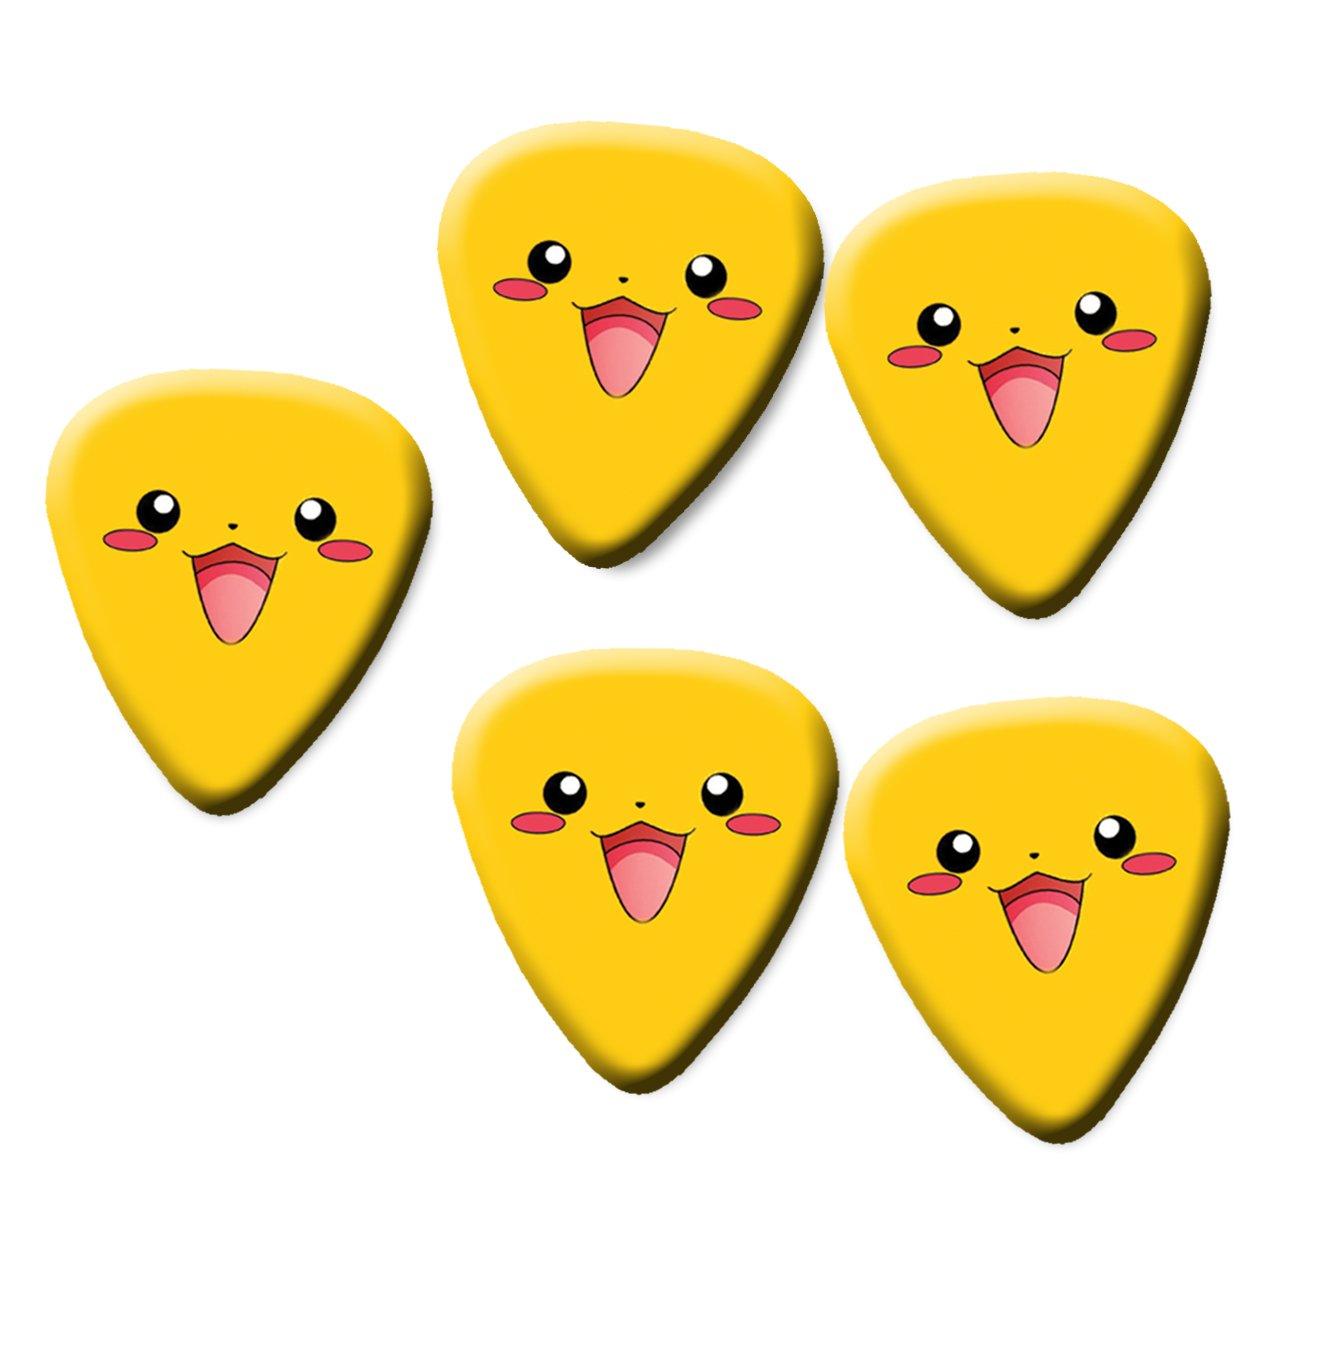 071mm Pokemon Standard Guitar Picks